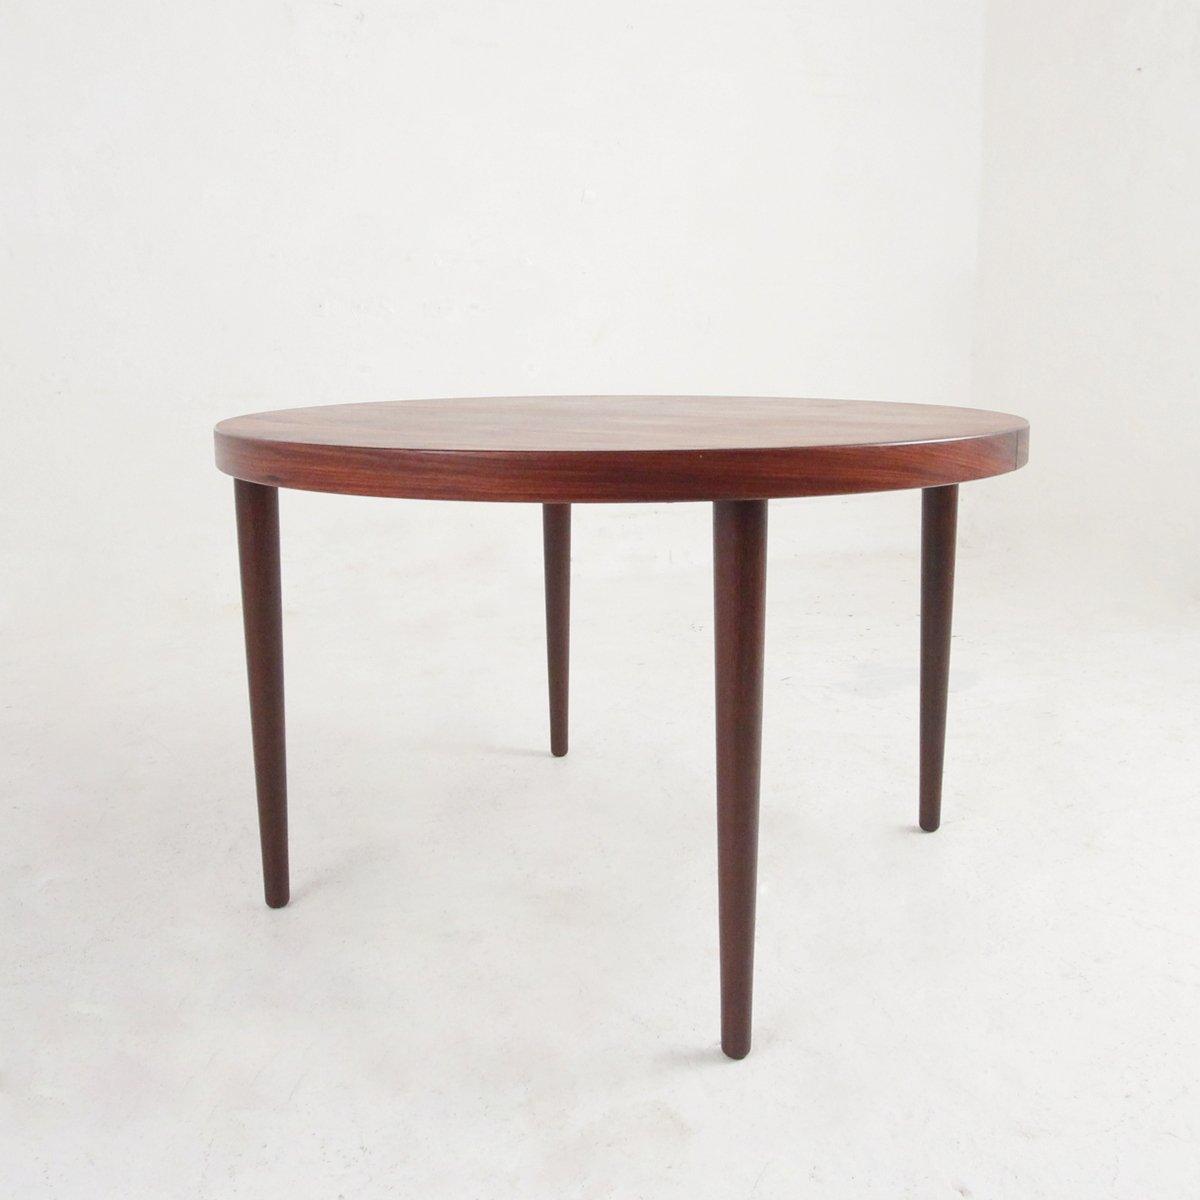 Runder Esstisch aus Palisander von Kai Kristiansen, 1950er